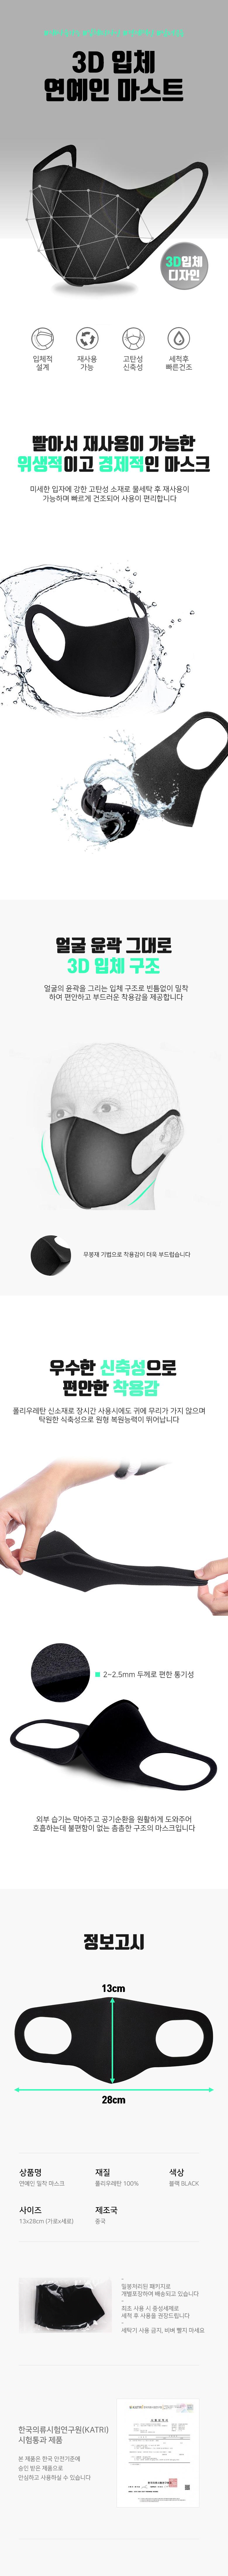 빨아쓰는 3D 입체 연예인 마스크 우레탄 마스크 - 디자인에버, 1,200원, 귀마개/워머/마스크, 패션마스크